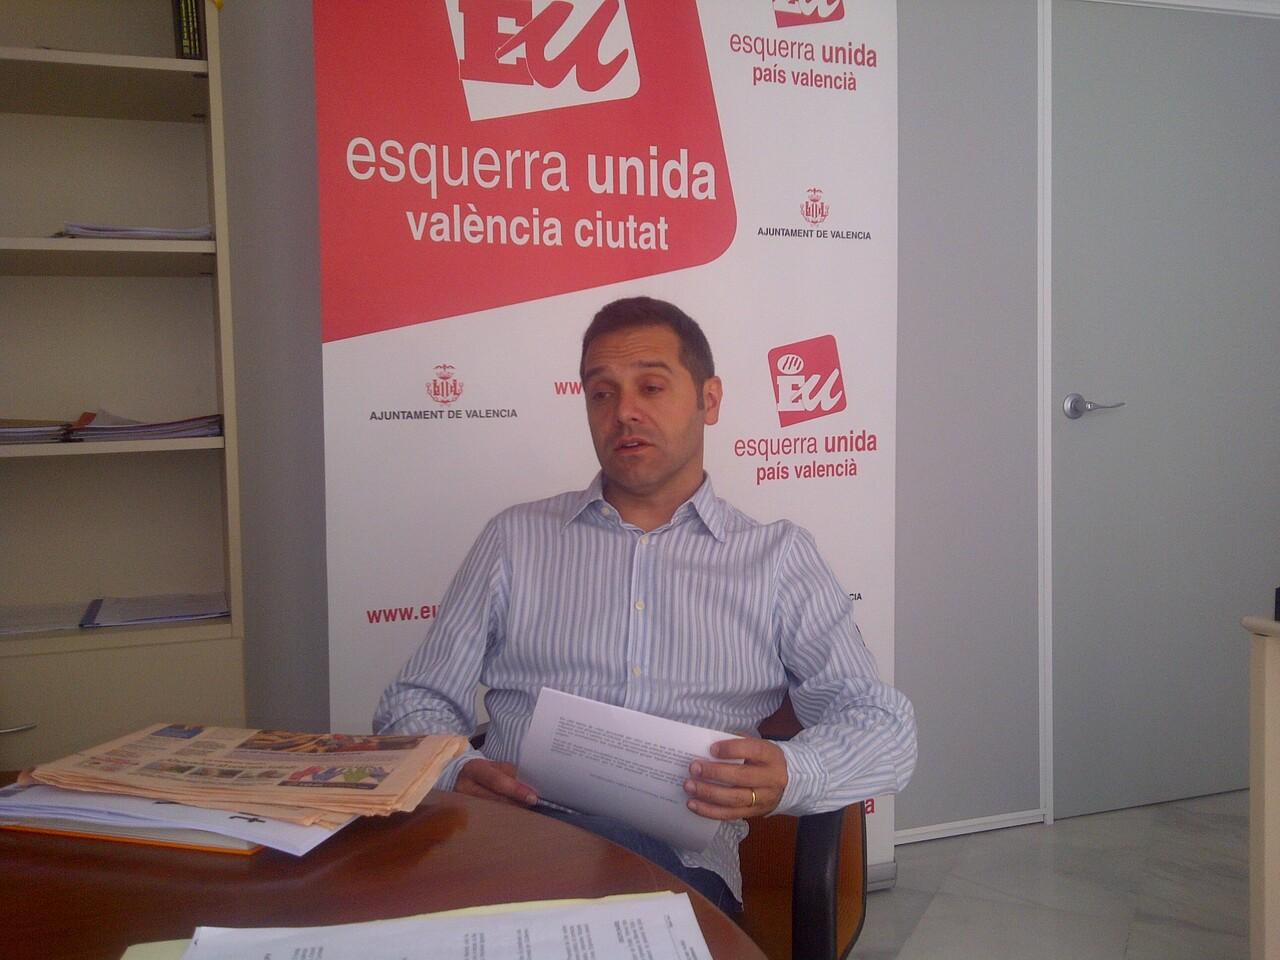 Amadeu Sanchis, coordinador de EU y portavoz en el Ayuntamiento de Valencia/vlcciudad